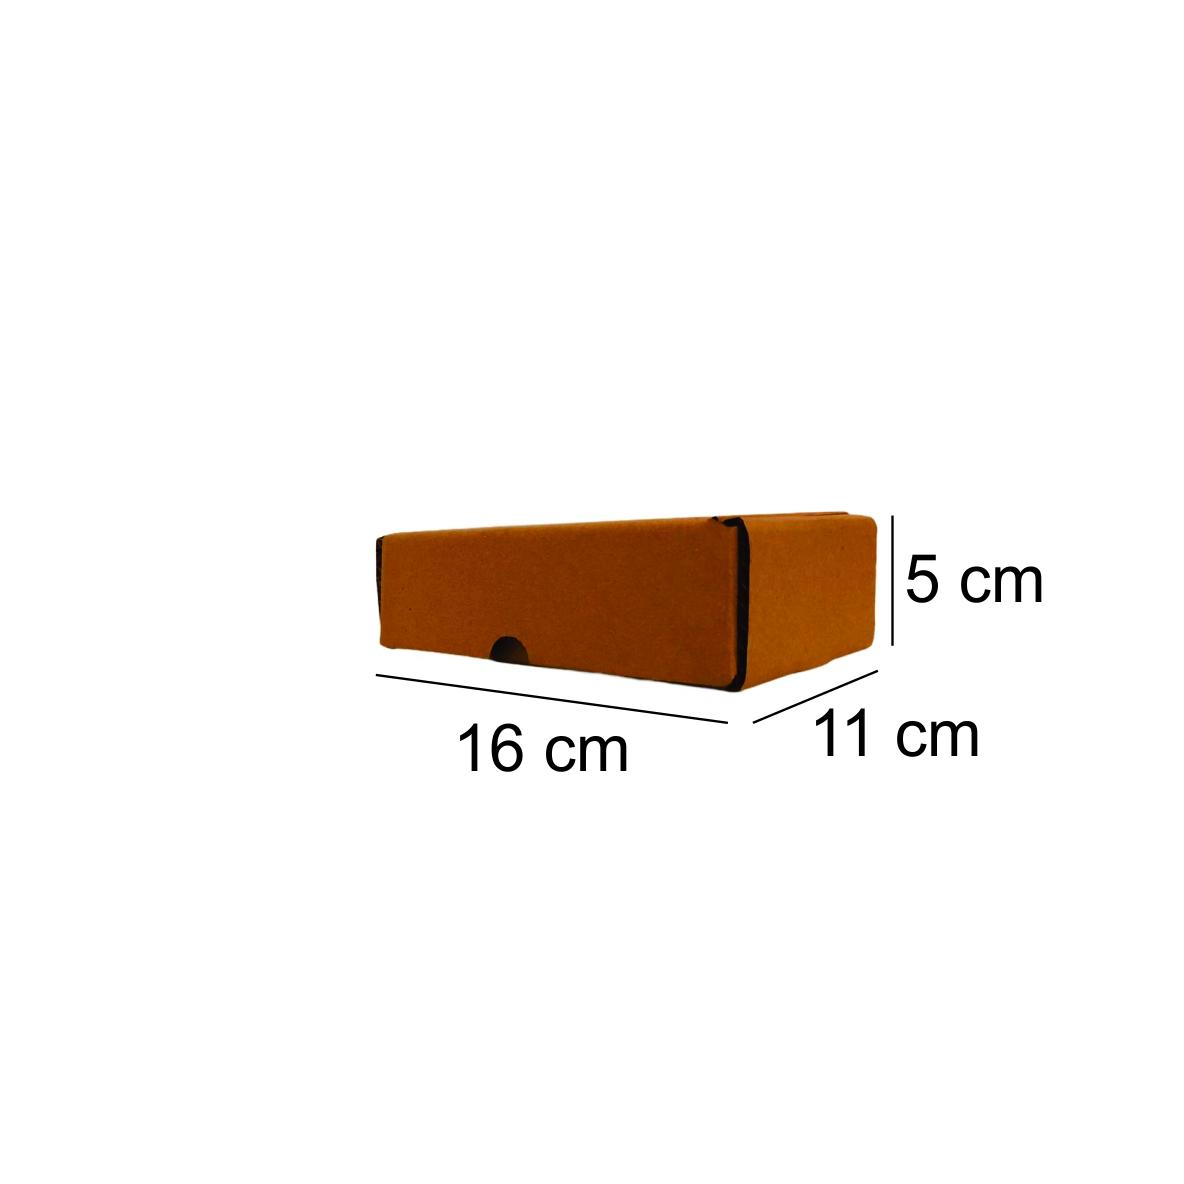 200 Caixas de Papelão Montável (16X11X5)cm - Correios